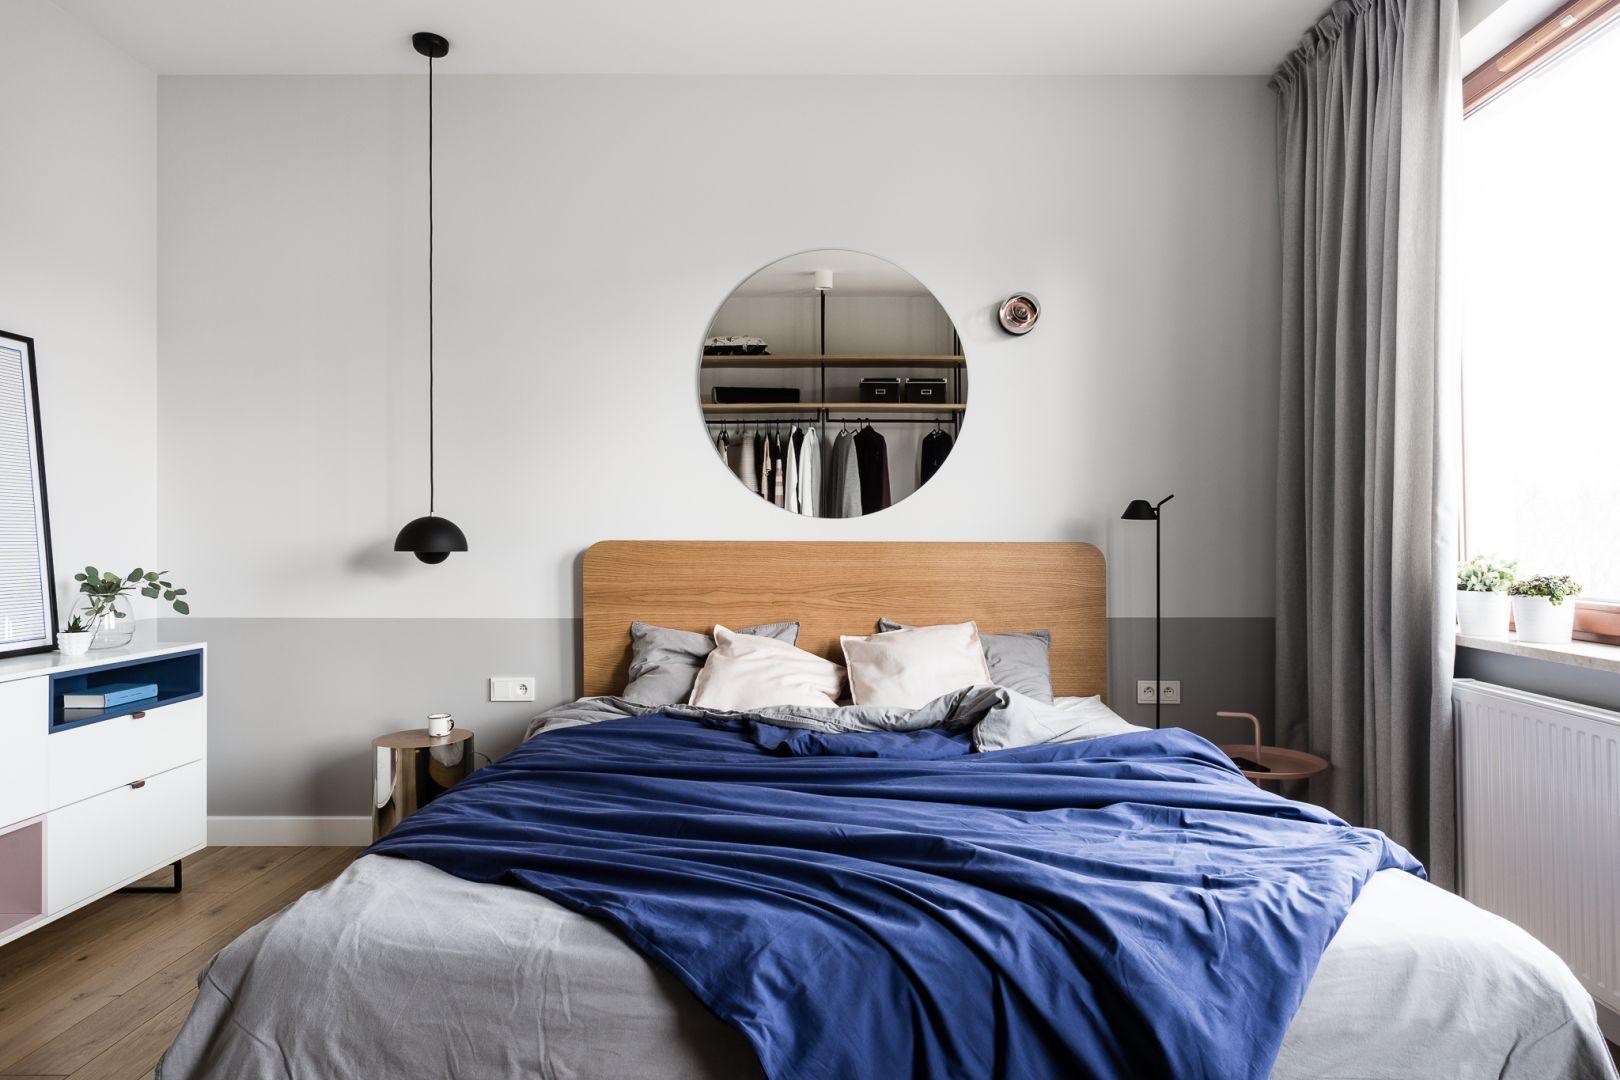 Ściana za łóżkiem w sypialni wykończona jest farbą w szarym kolorze: jasnym i ciemnym. Projekt: Raca Architekci. Zdjęcia: Fotomohito